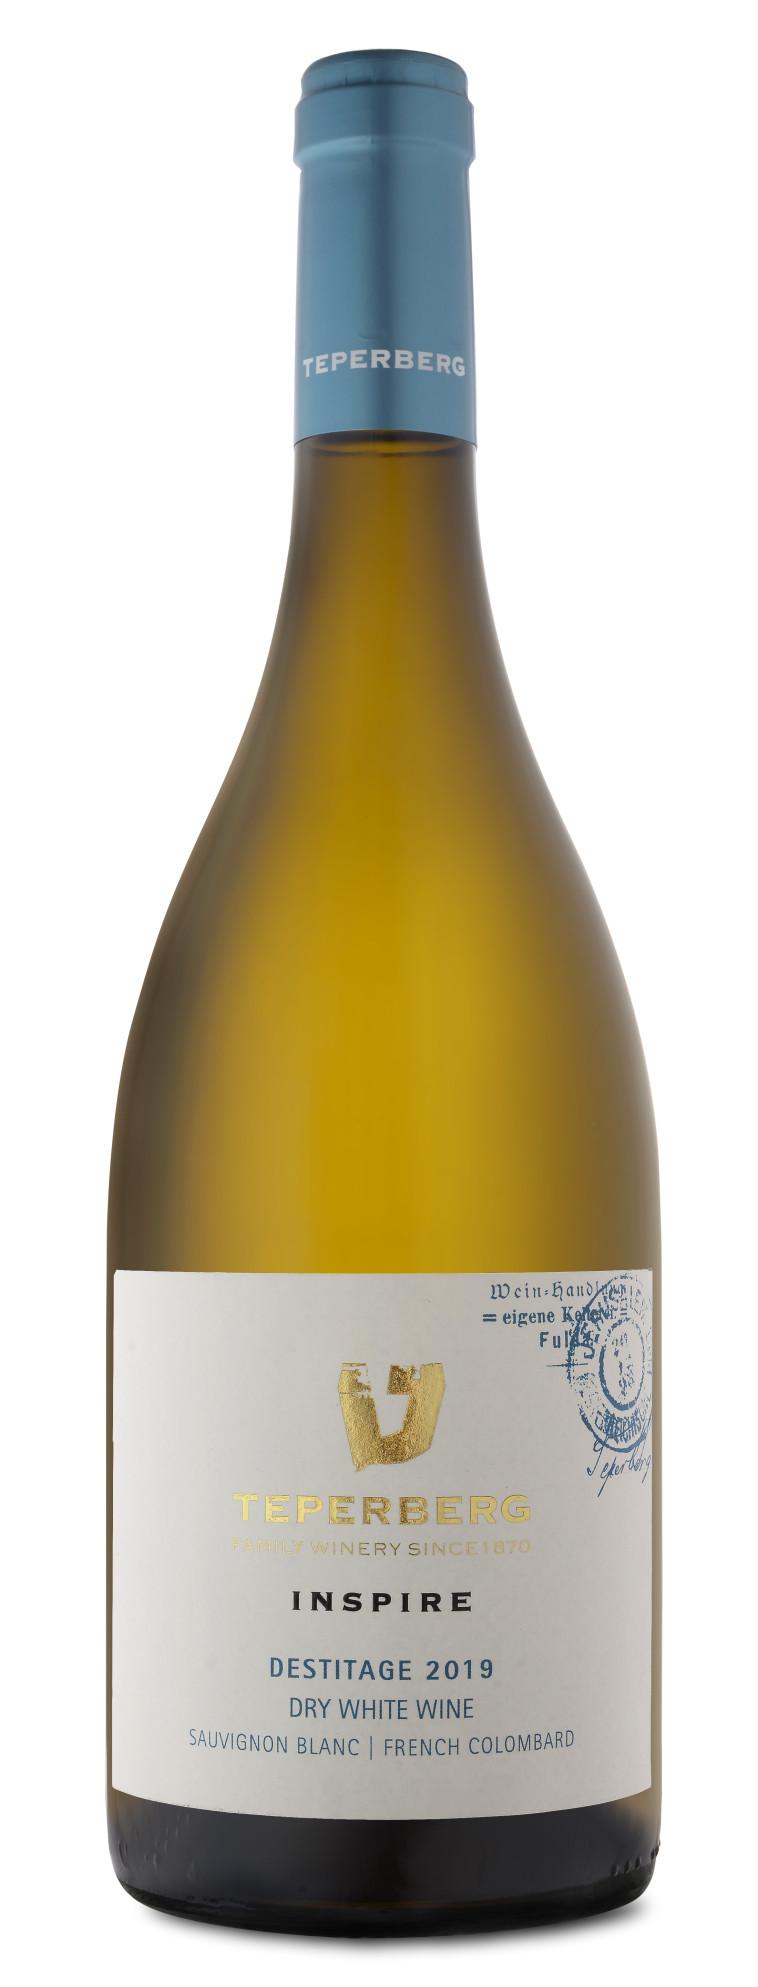 יין לבן. טפרברג אינספייר  (צילום: איל קרן)